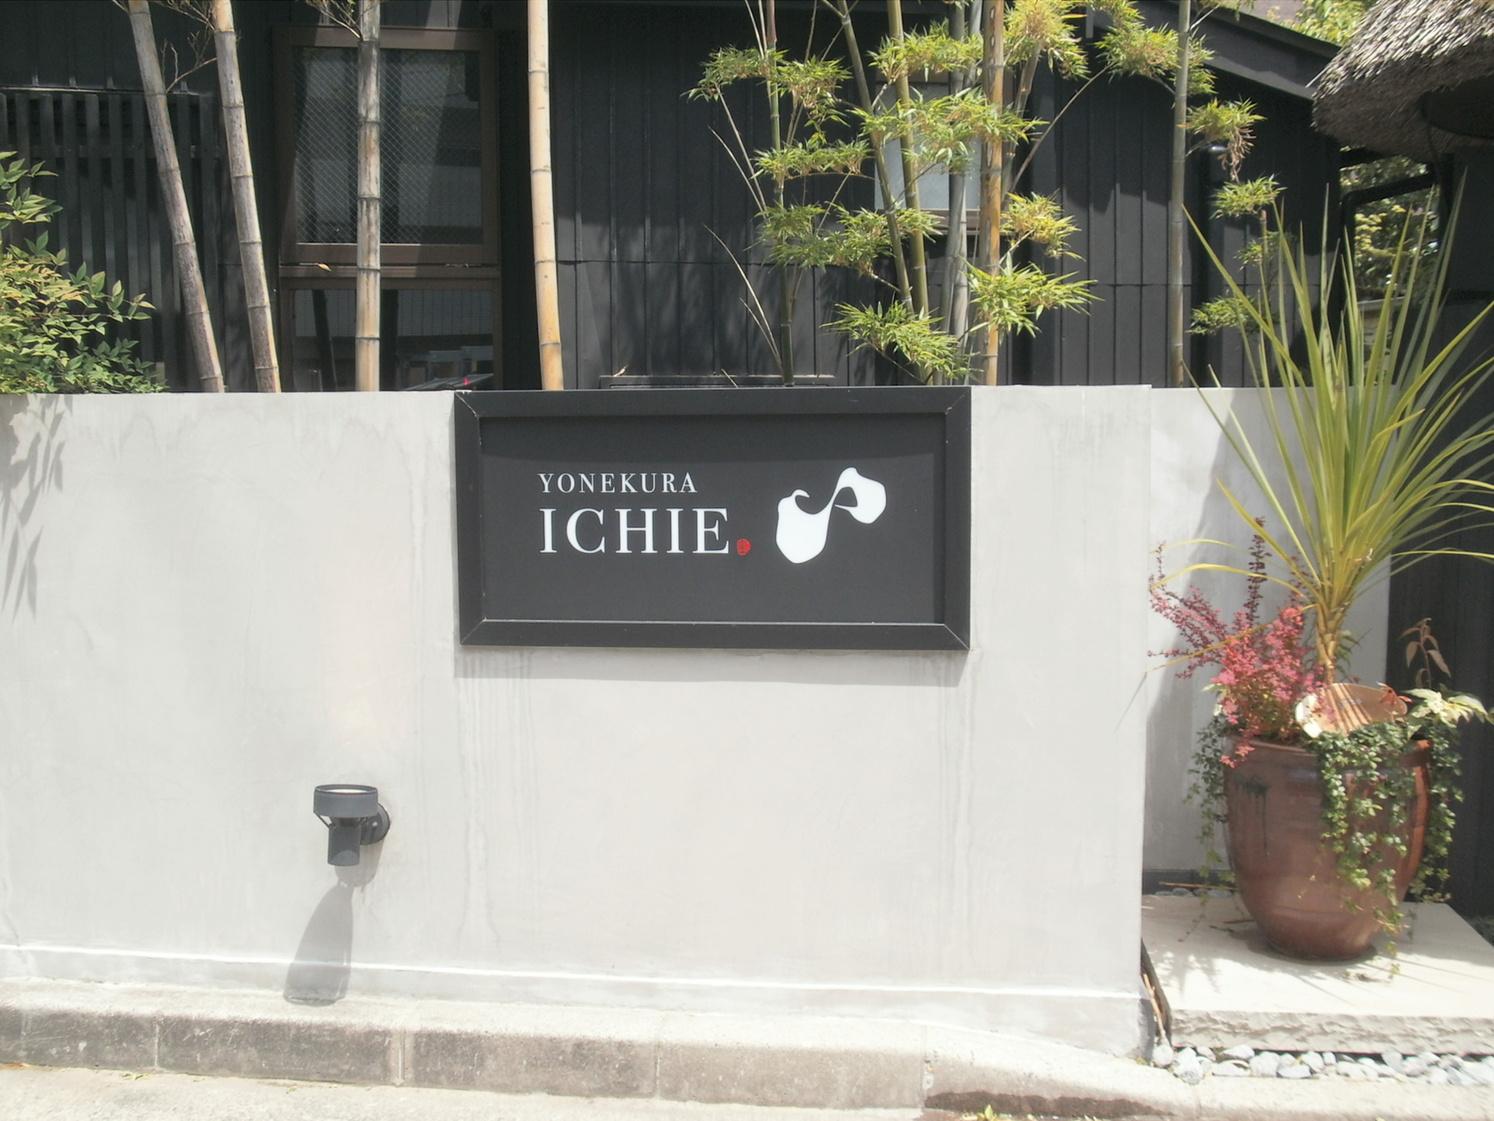 ICHIE